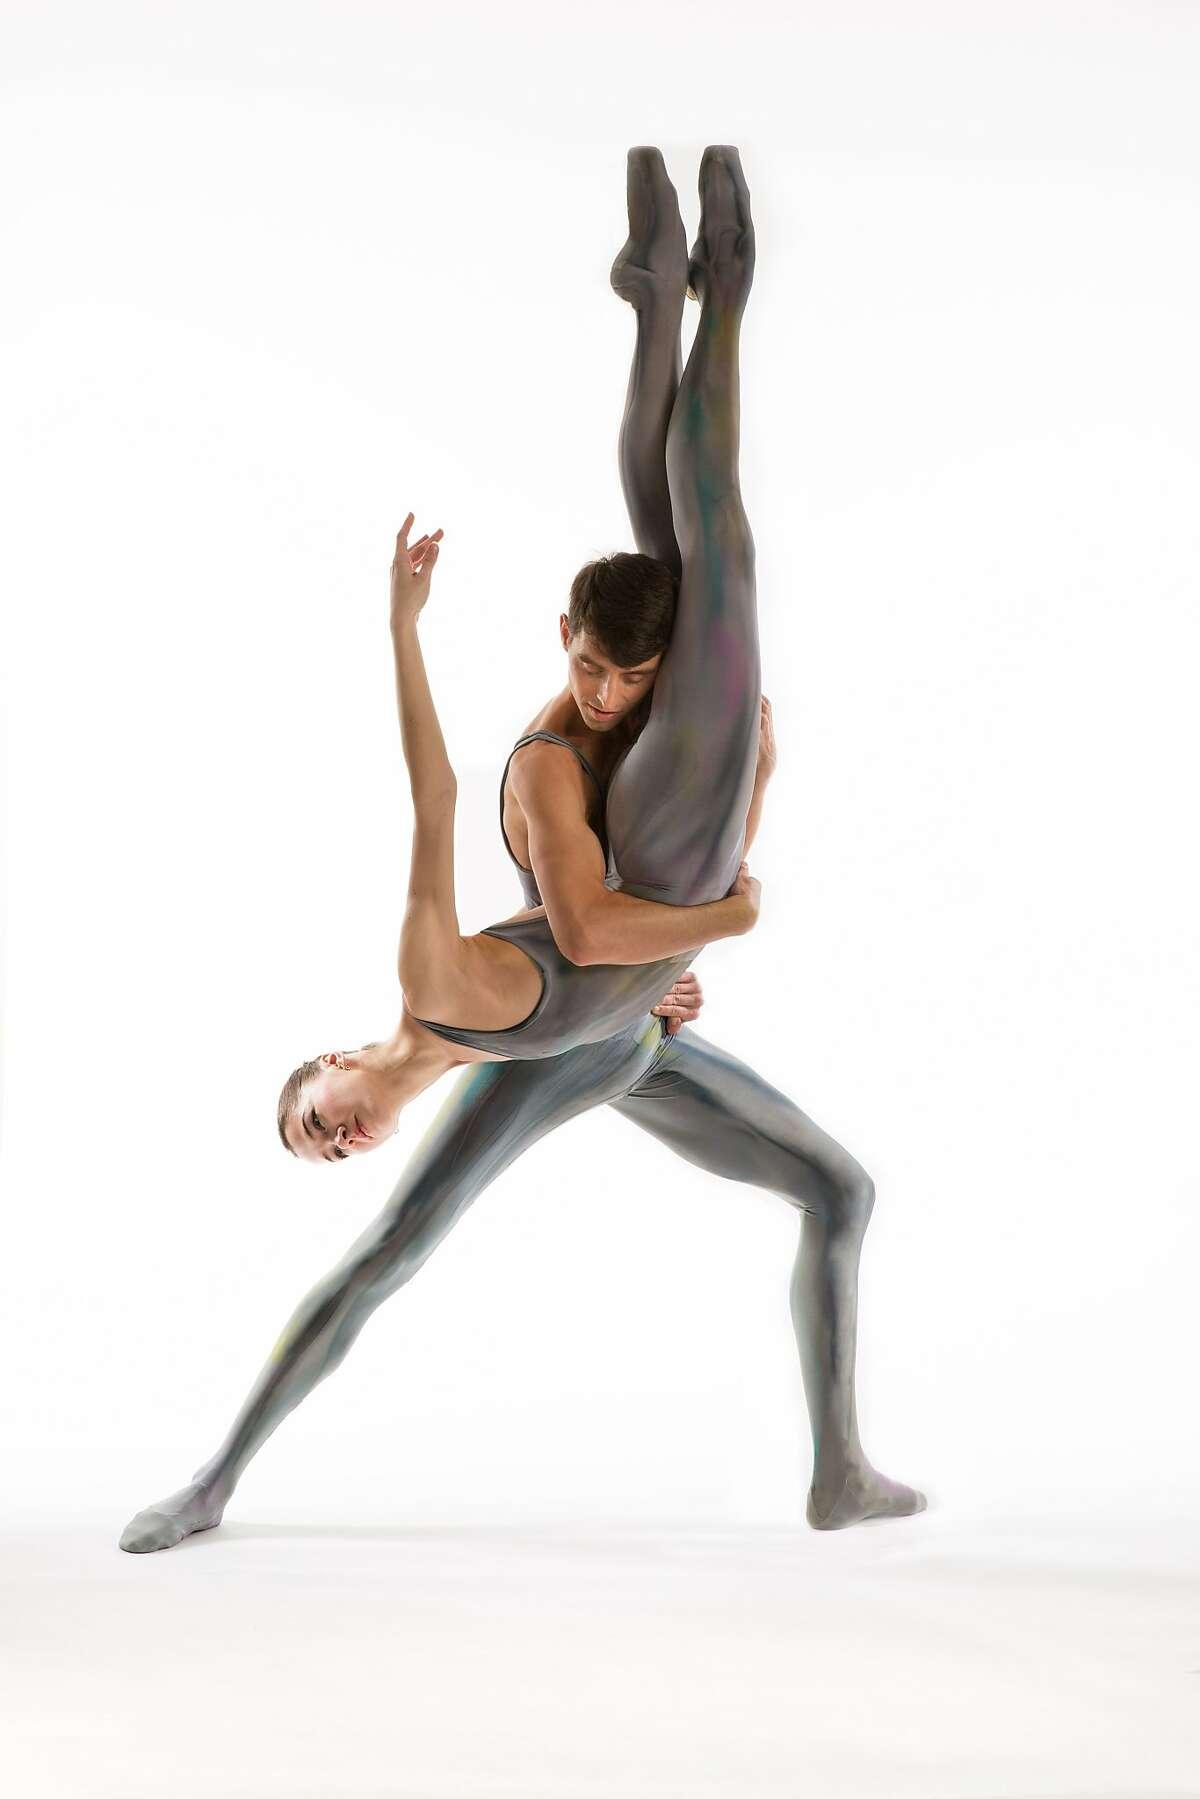 Diablo Ballet's Justin VanWeest and Tetyana Martyanova danced Ben Stevenson's rhapsodic pas de deux